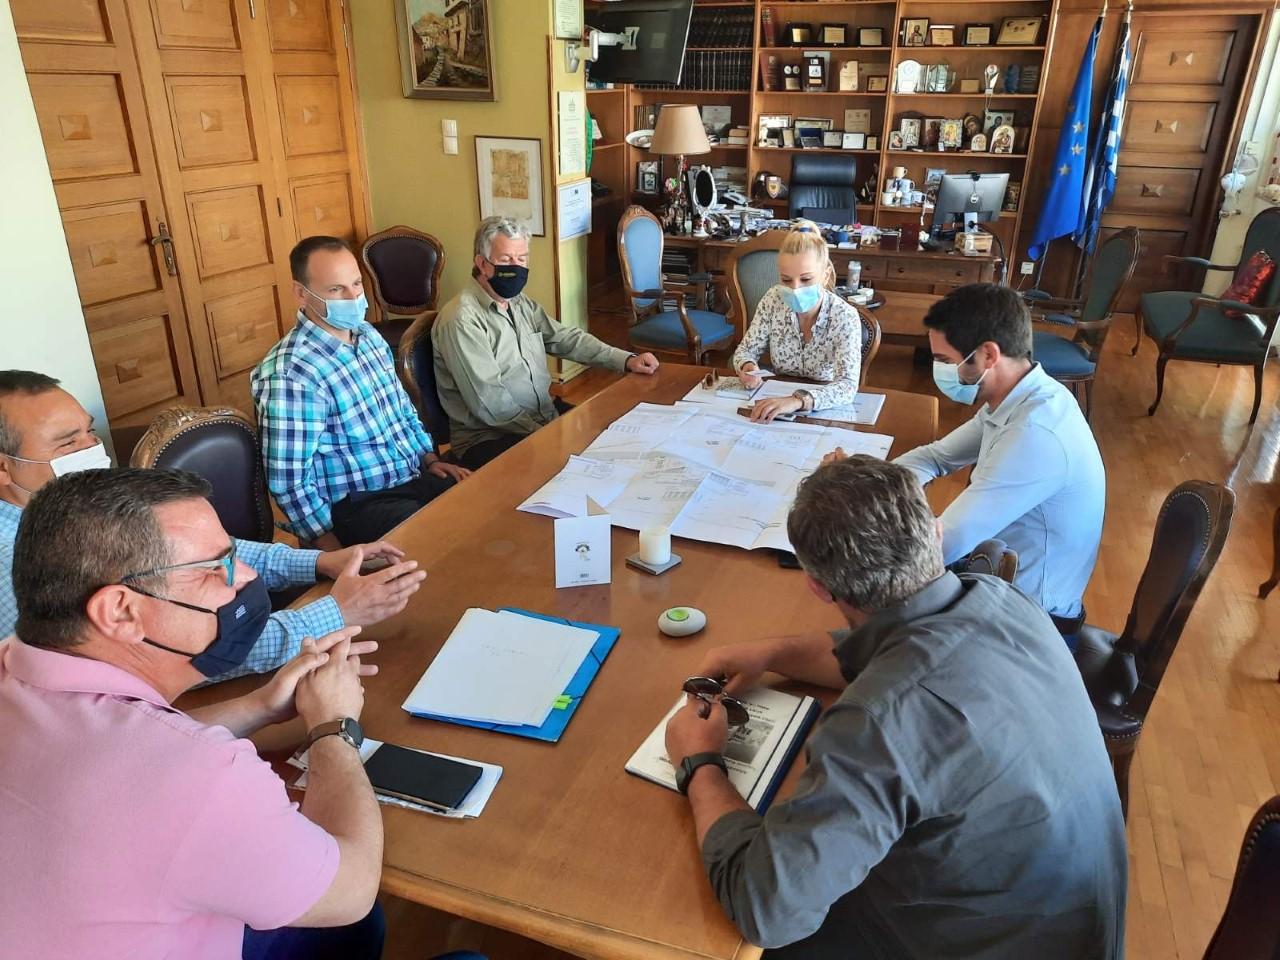 Ξεκινούν οι εργασίες αποκατάστασης  του Ιερού Ναού Αγίου Νικολάου Βόλου